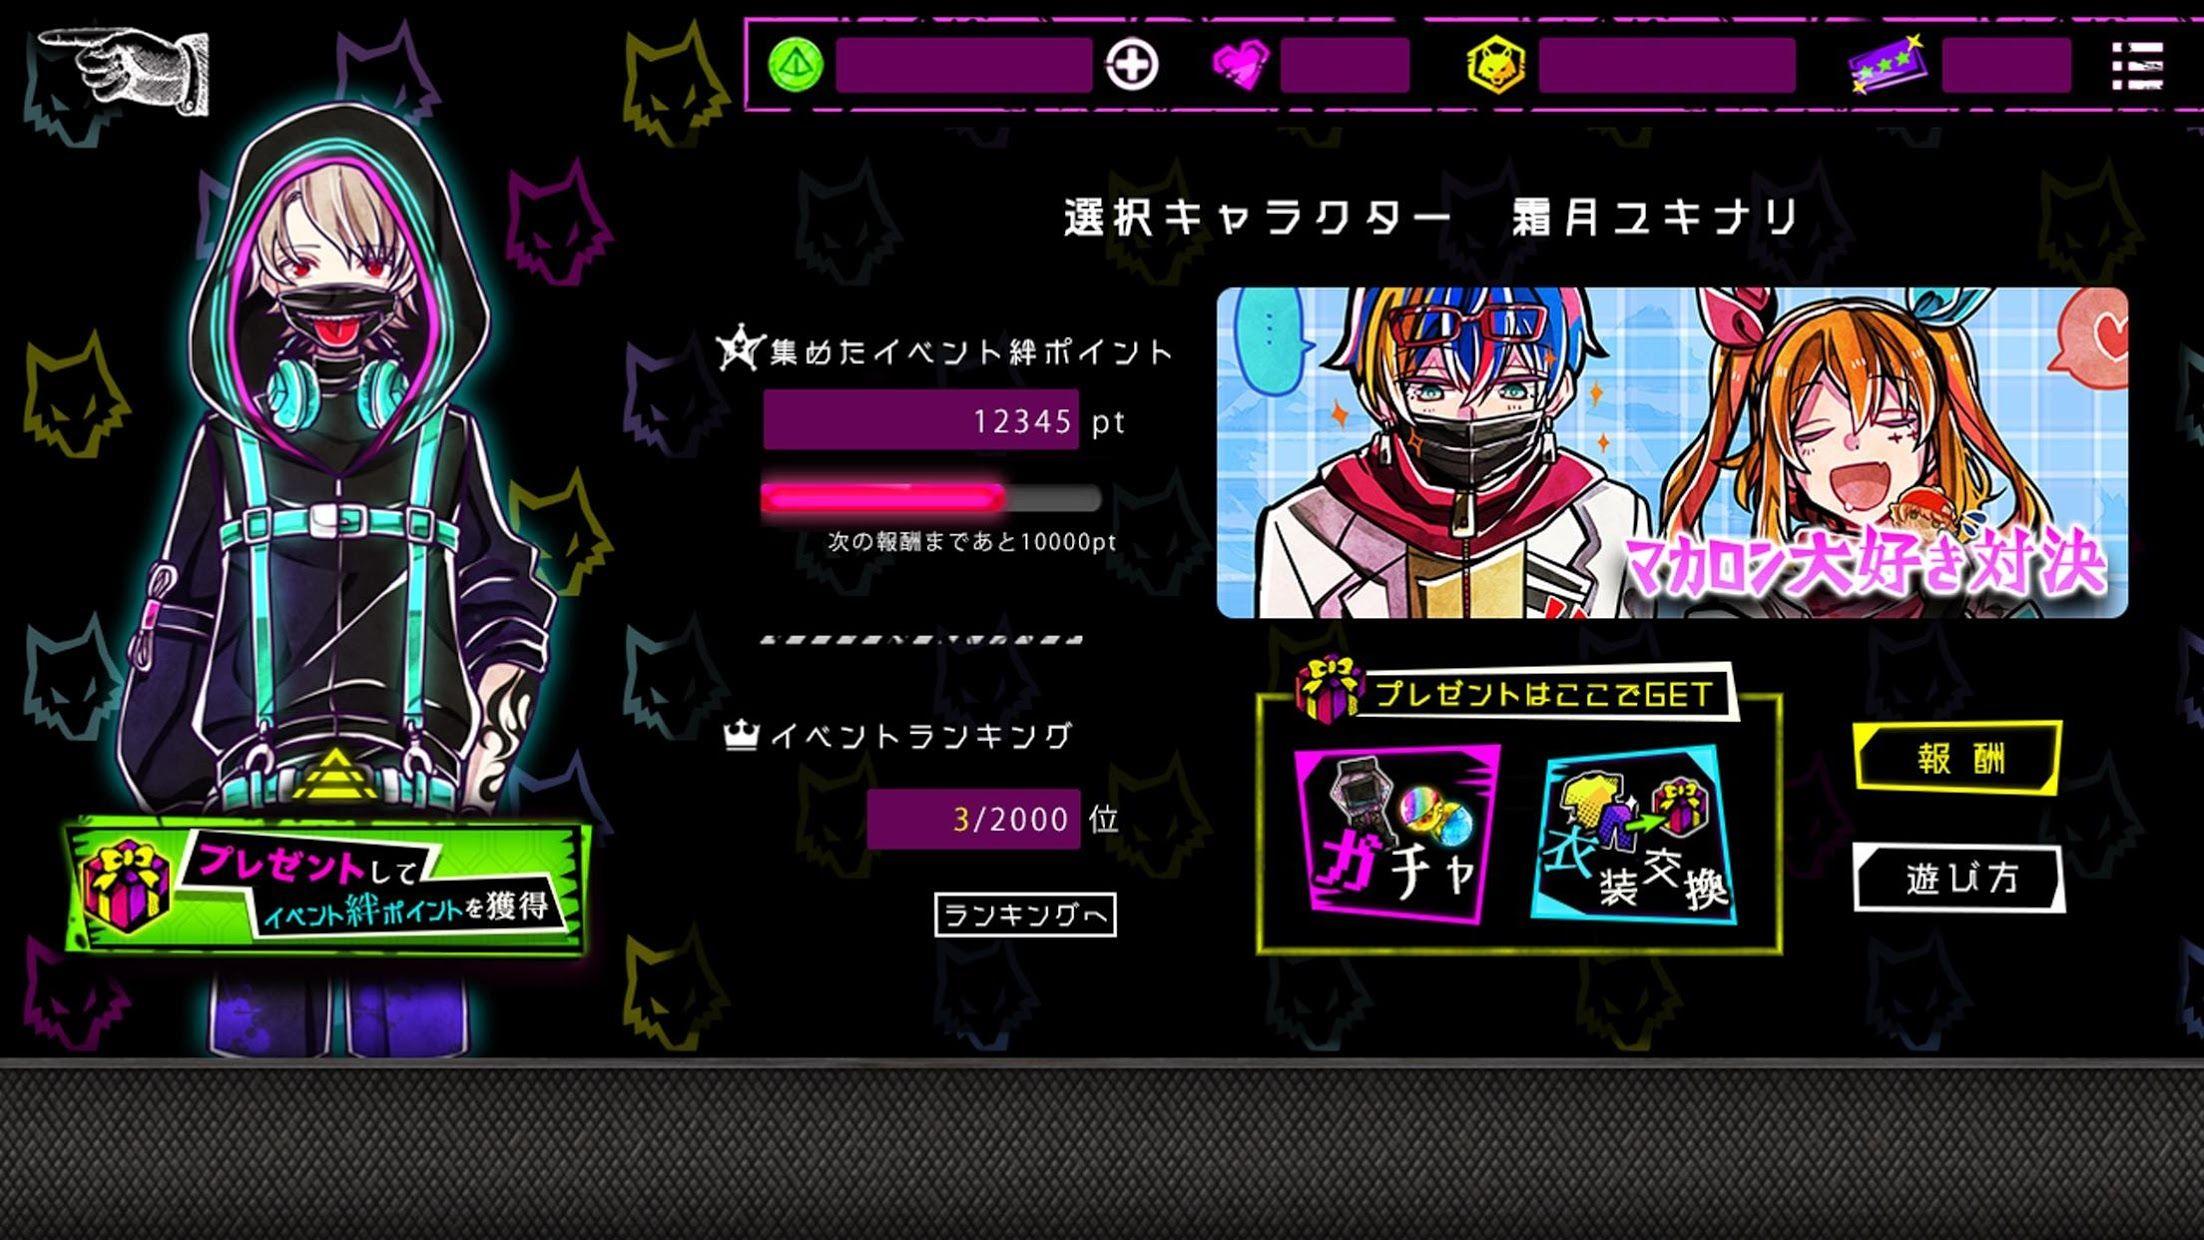 恶狼游戏 〜Another〜(日服) 游戏截图4